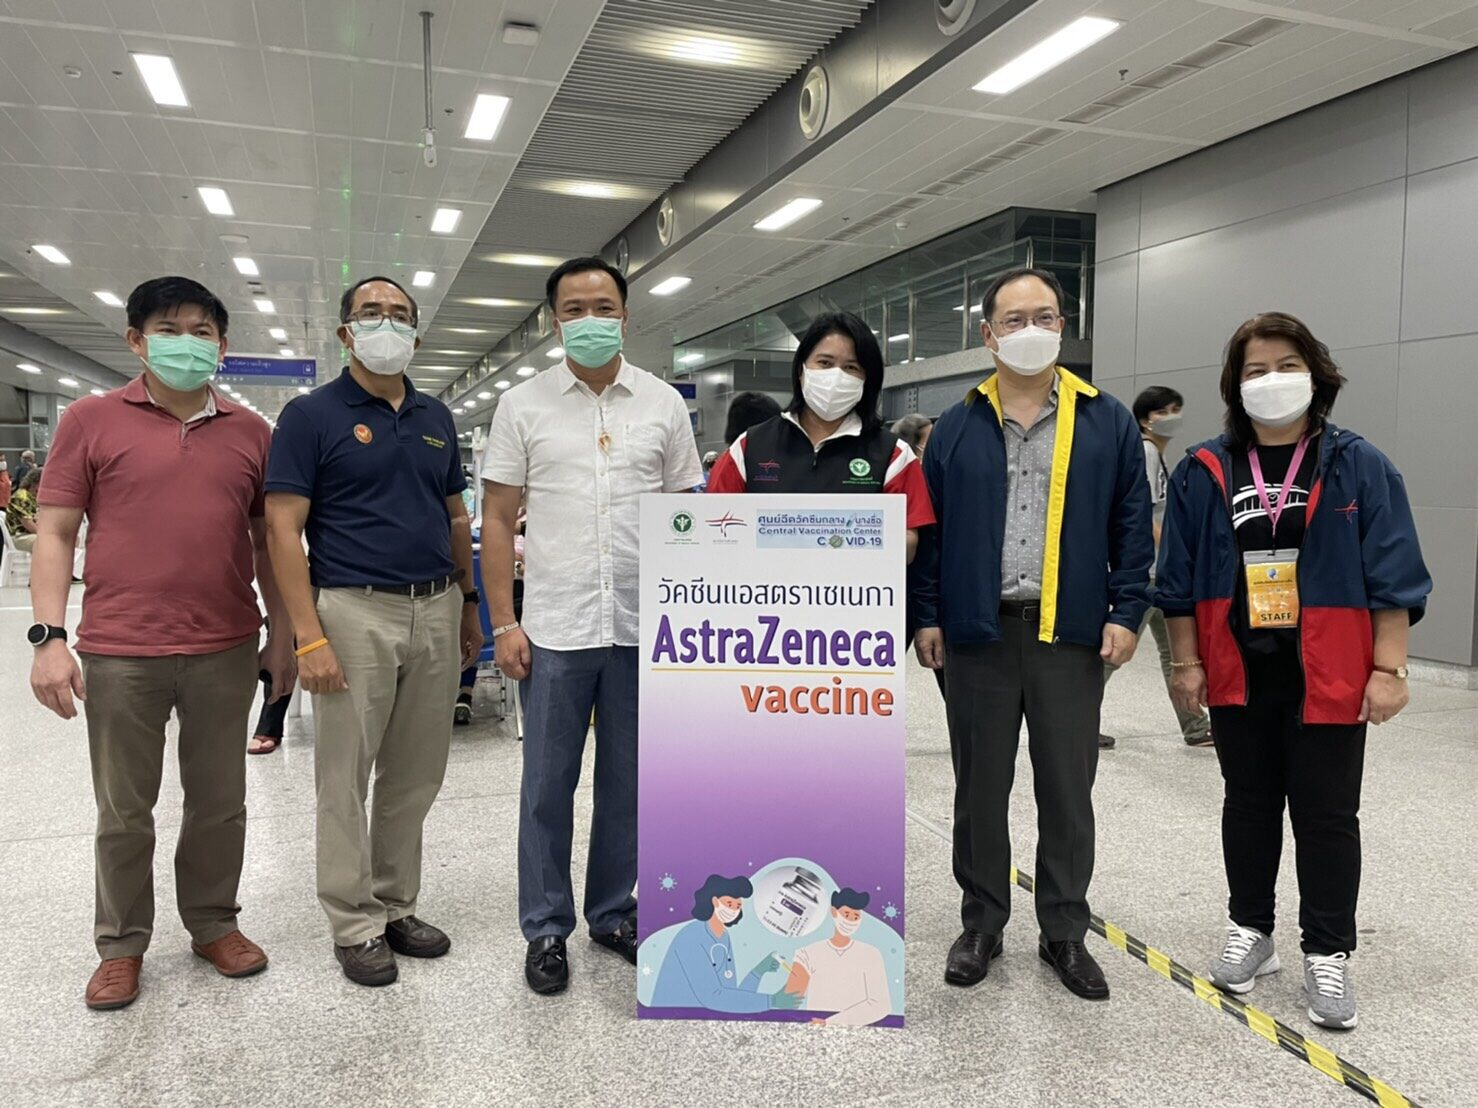 กต.ยืนยันความพร้อม ฉีดวัคซีนโควิดให้ชาวต่างชาติในไทย